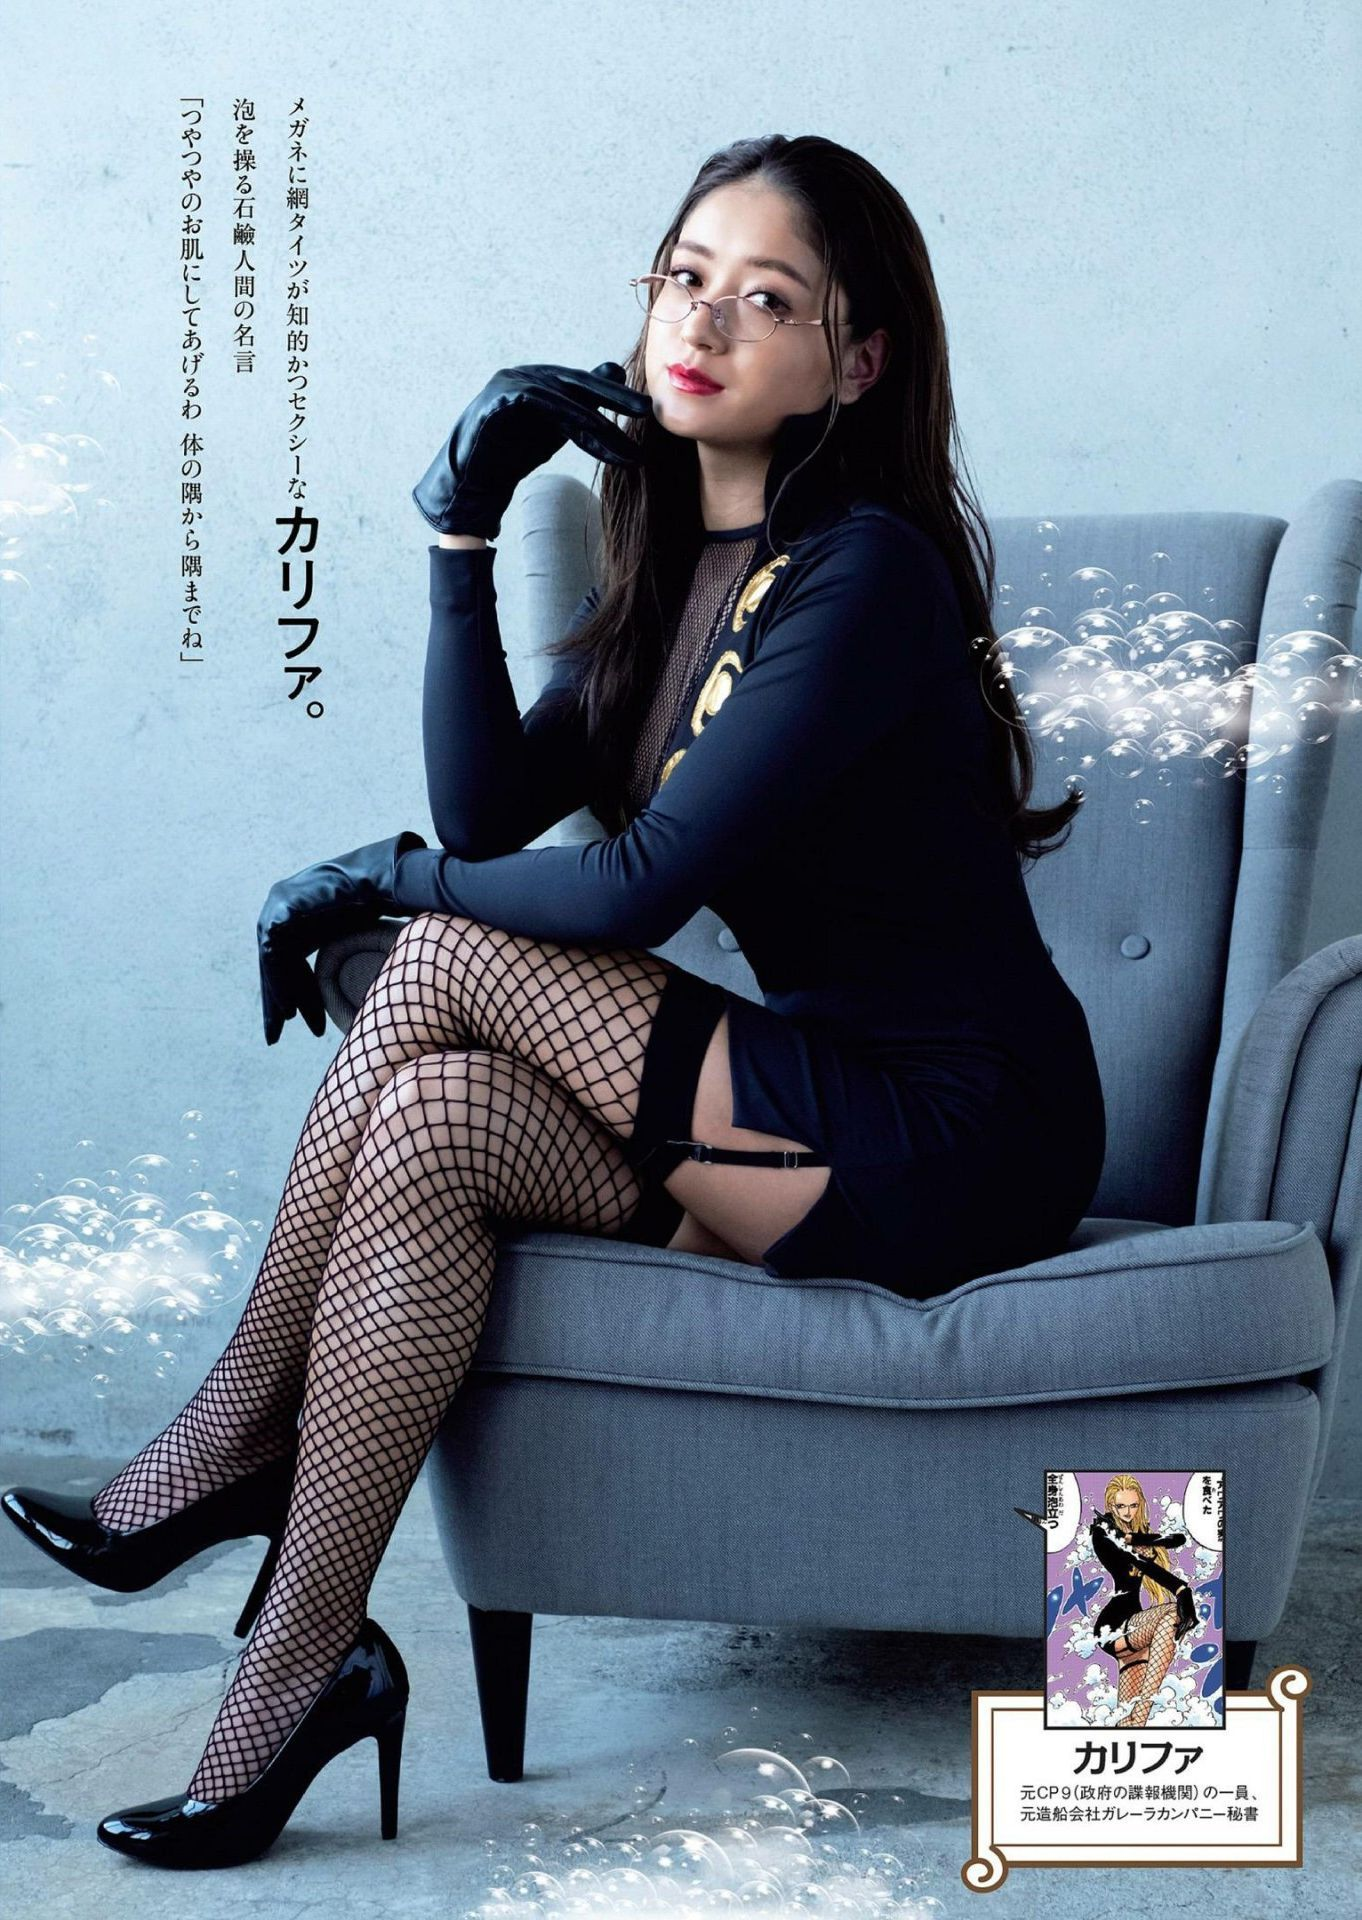 Weekly Playboy 2021-10_imgs-0005_1